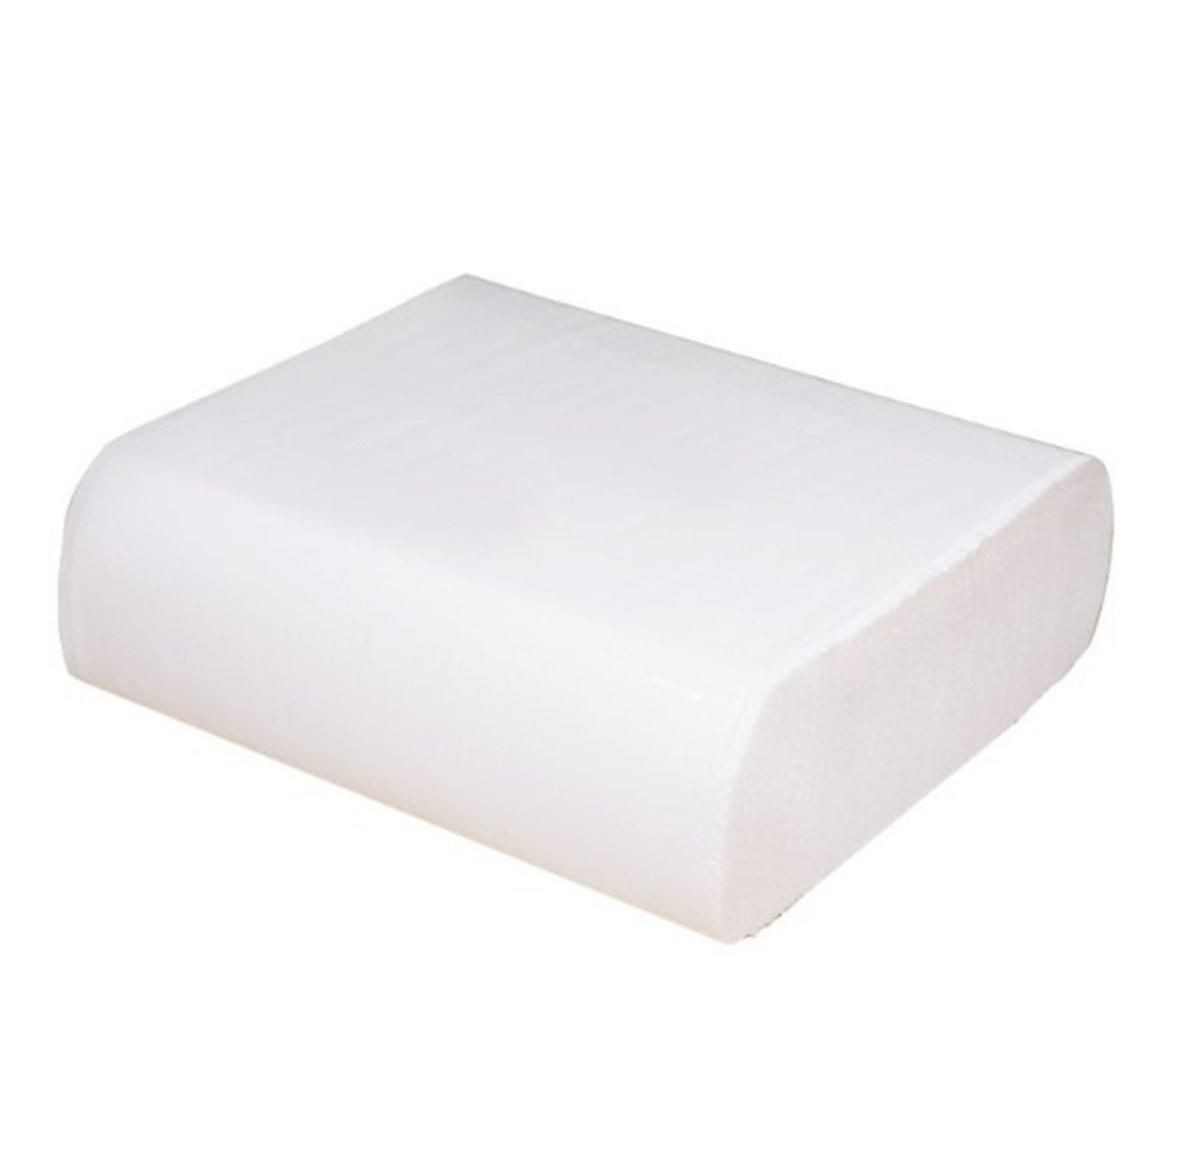 抽取式面巾紙